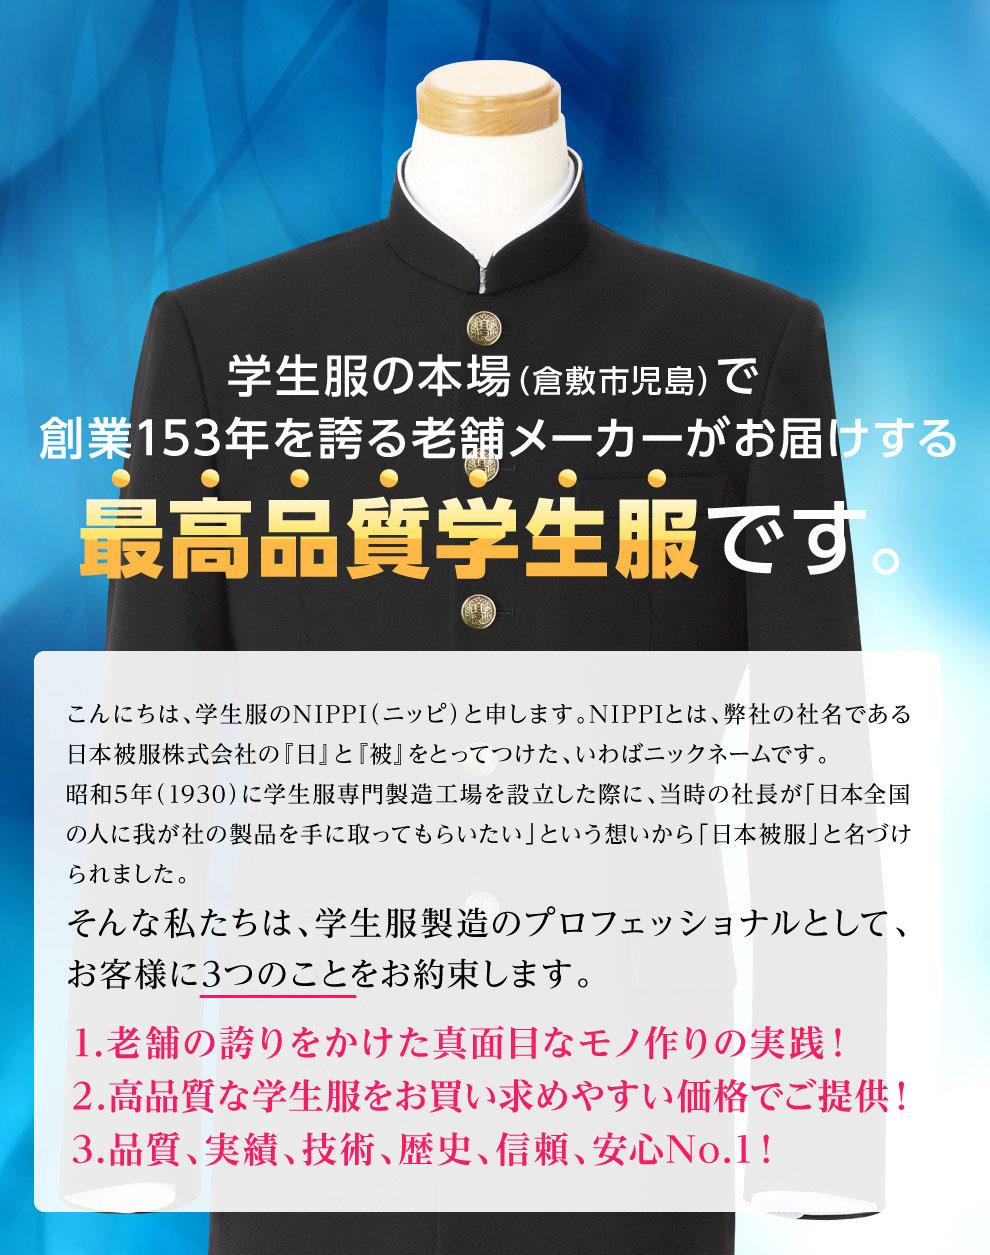 日本製 ポリエステル100% 学生服 上着